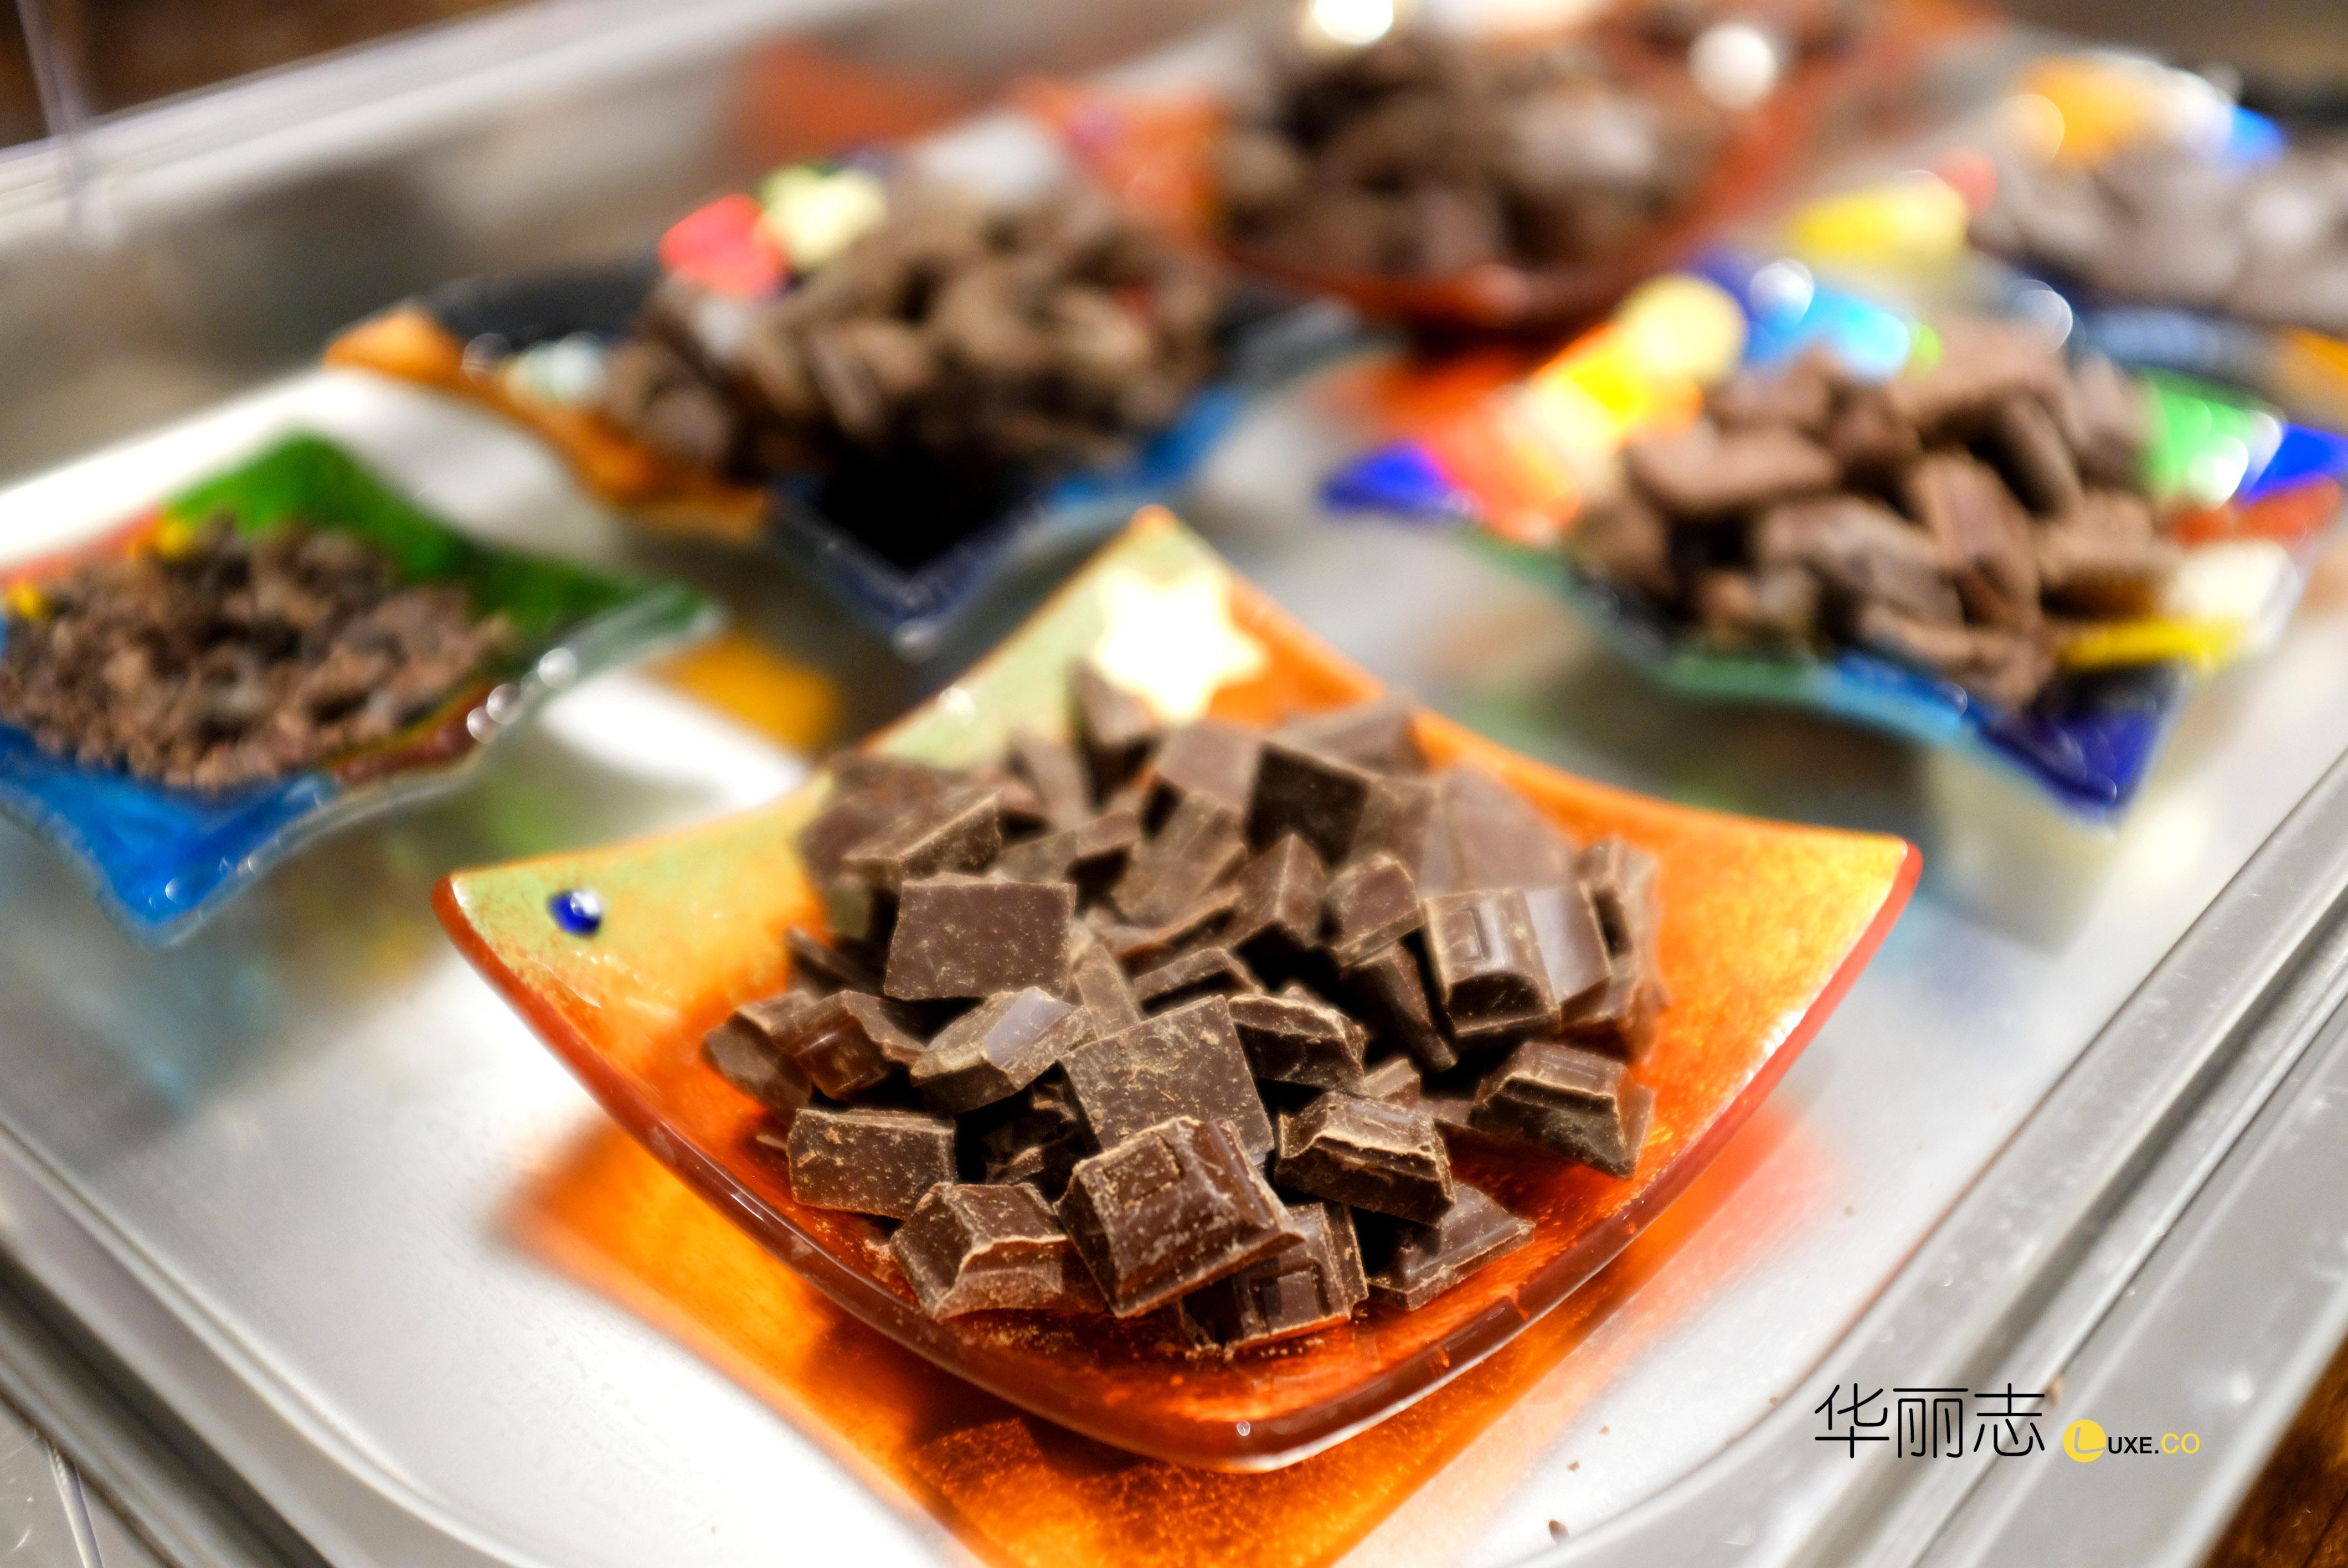 一粒可可豆的奇迹之旅,对话巧克力星球 PlanetChoco 创始人孔丽怡【华丽TALK精彩回放】